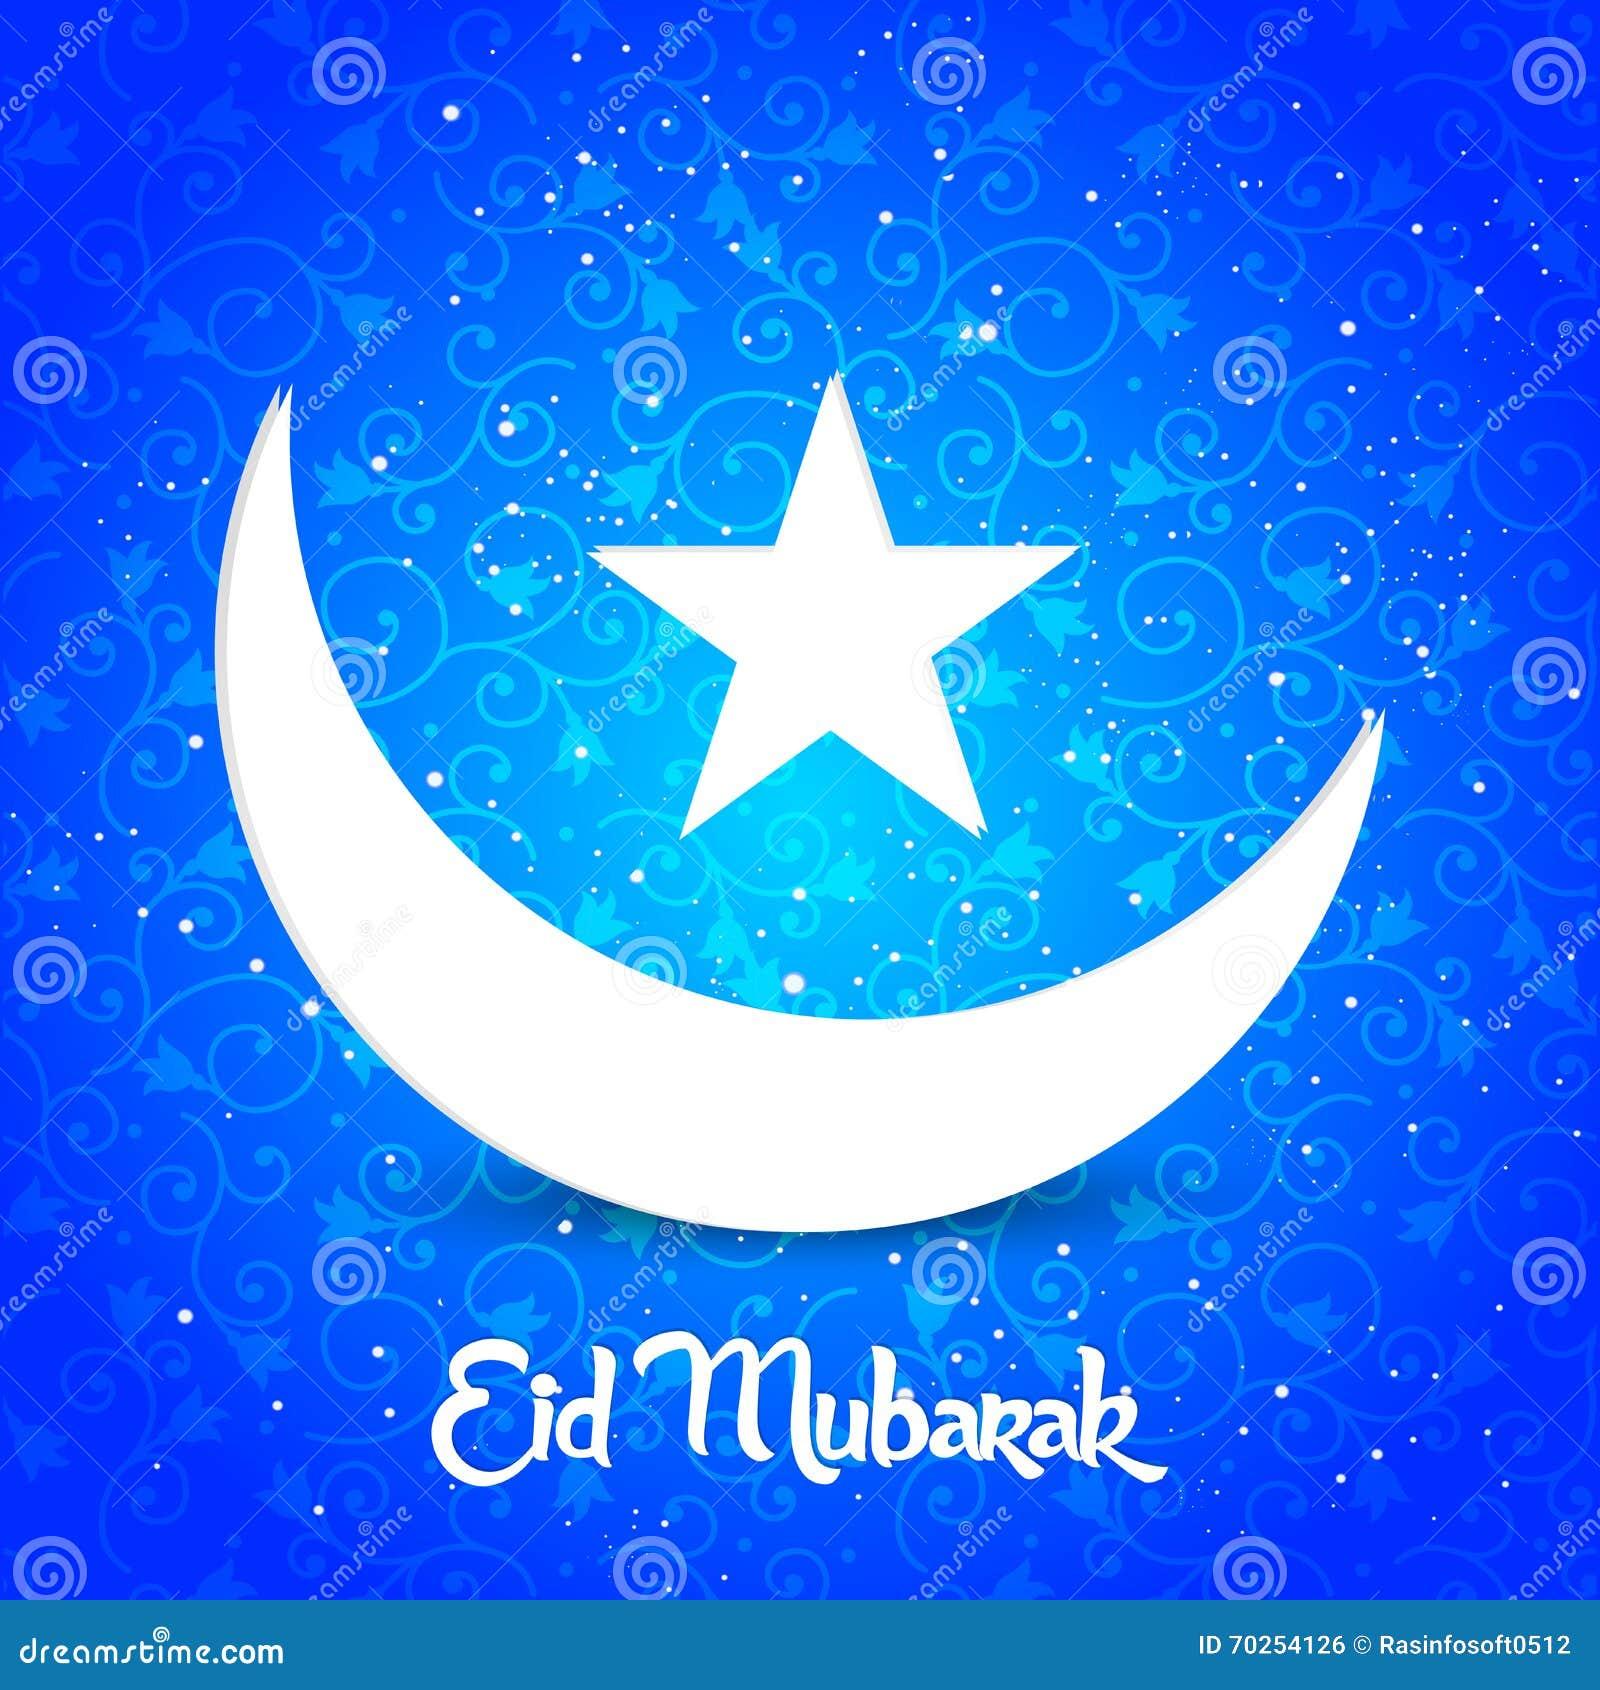 Ramadan Eid Mubarak Abstract Stock Illustration Illustration Of